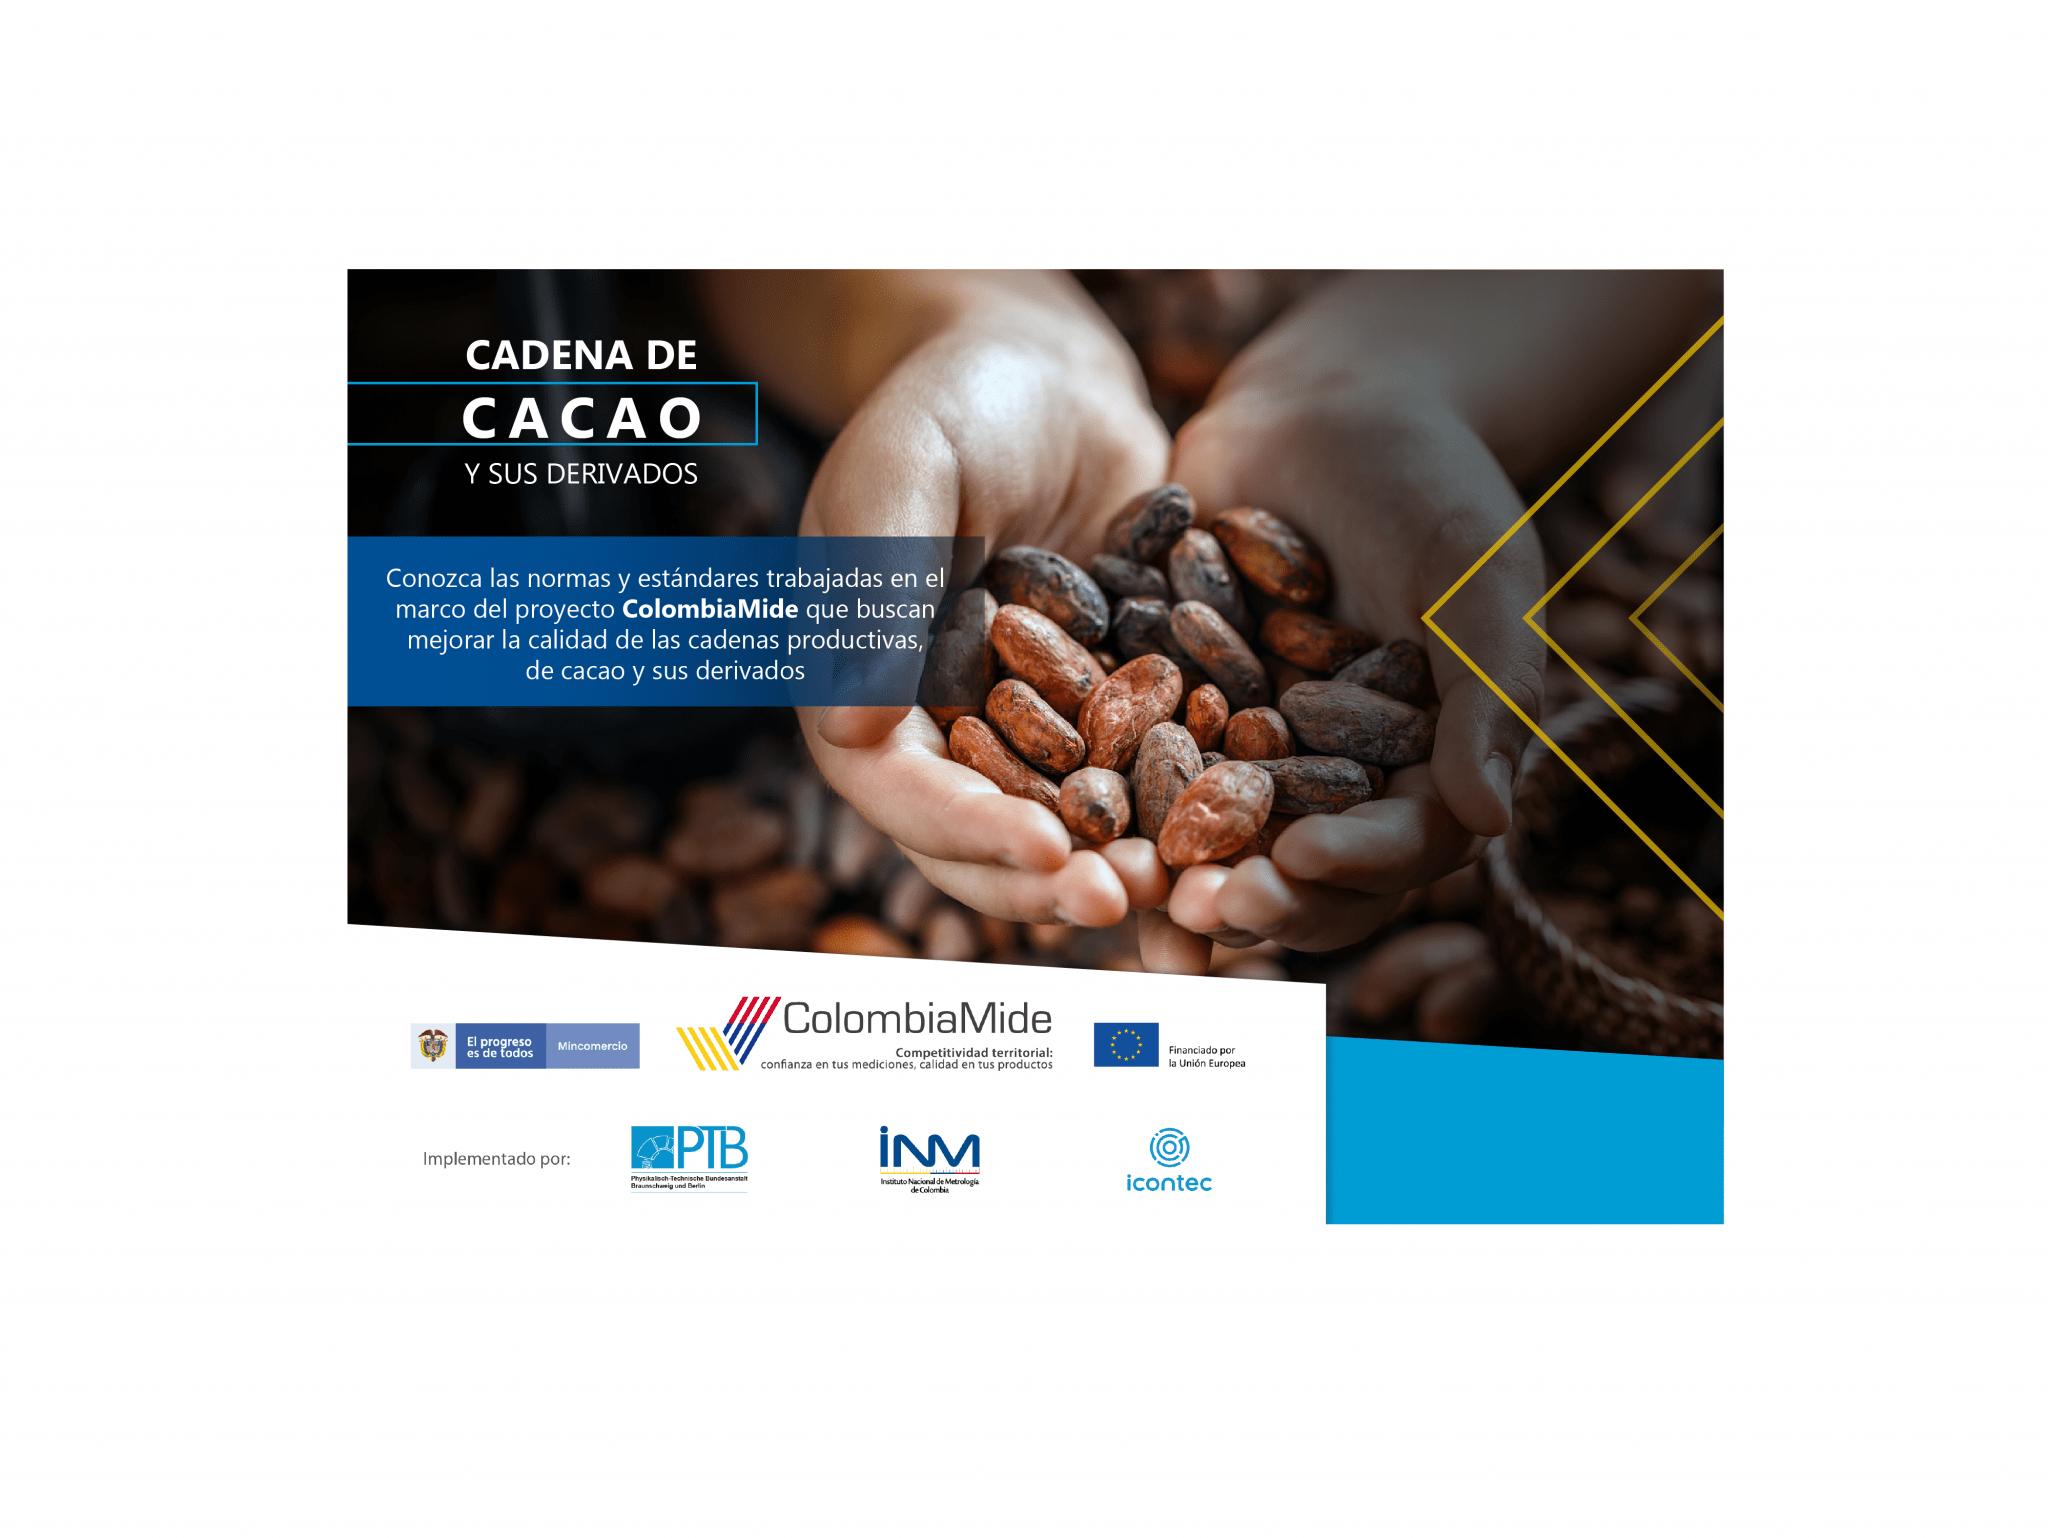 ColombiaMide continúa apoyando los procesos de consulta pública y la elaboración de Documentos Normativos para el fortalecimiento de la cadena de cacao y sus derivados